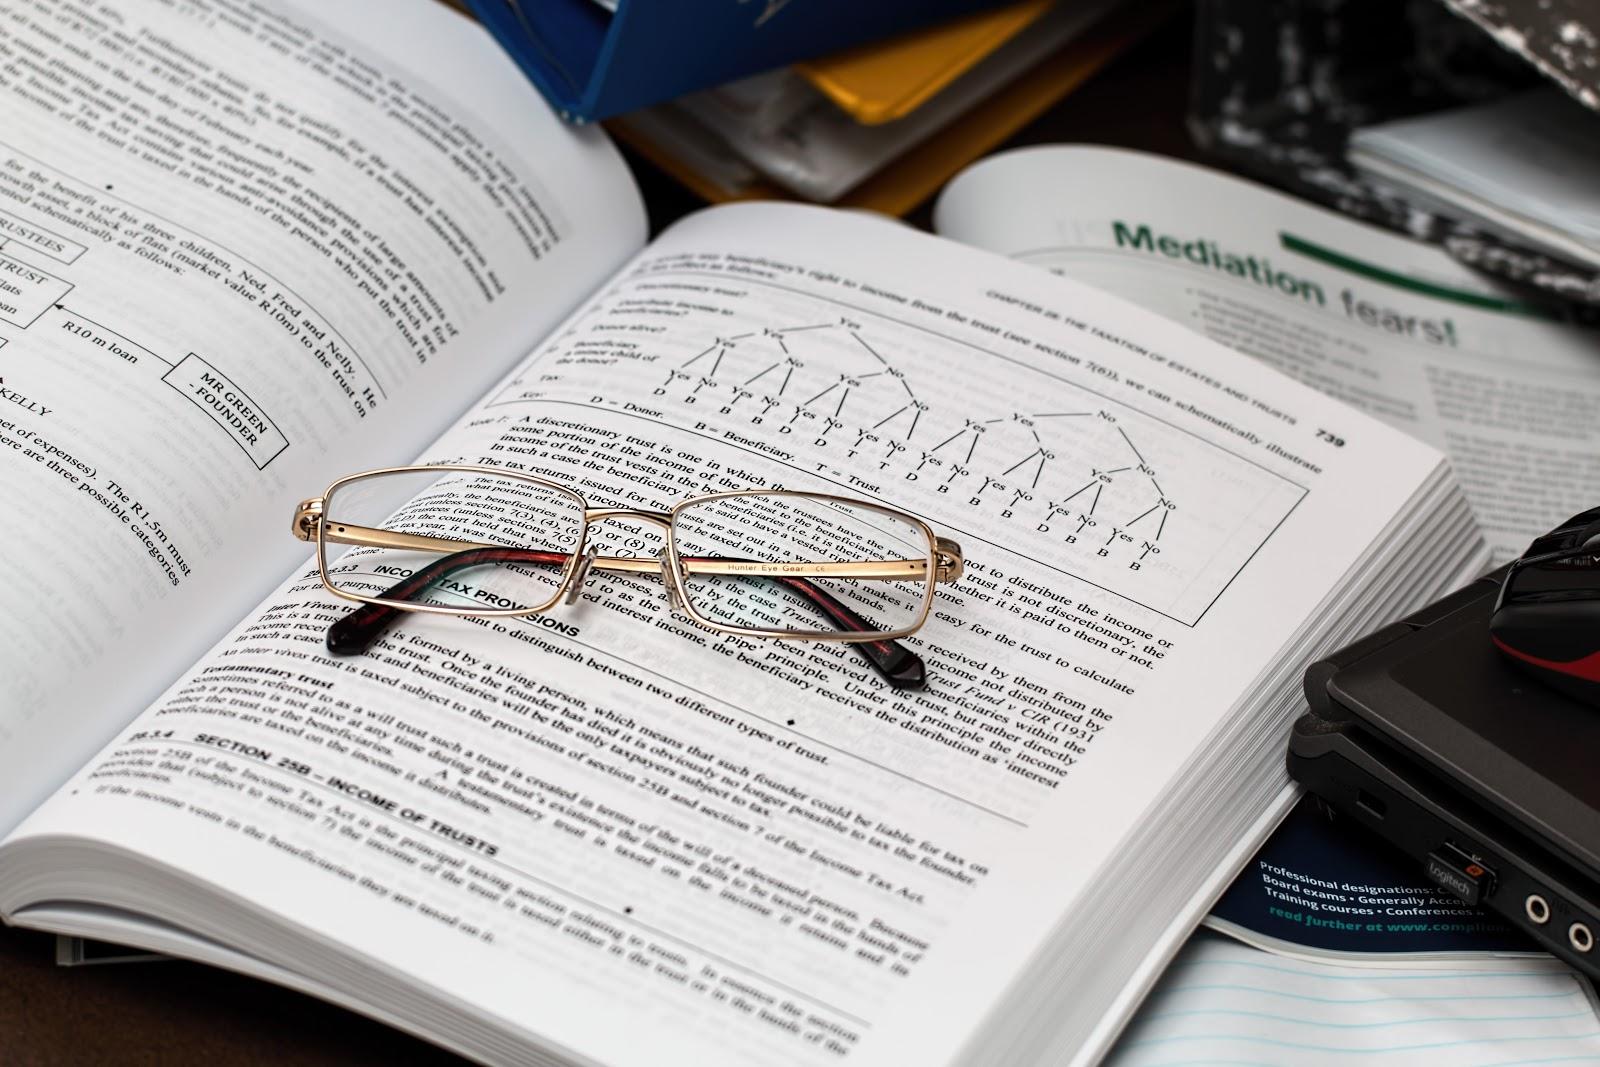 mejores-universidades-administracion-justo-sierra